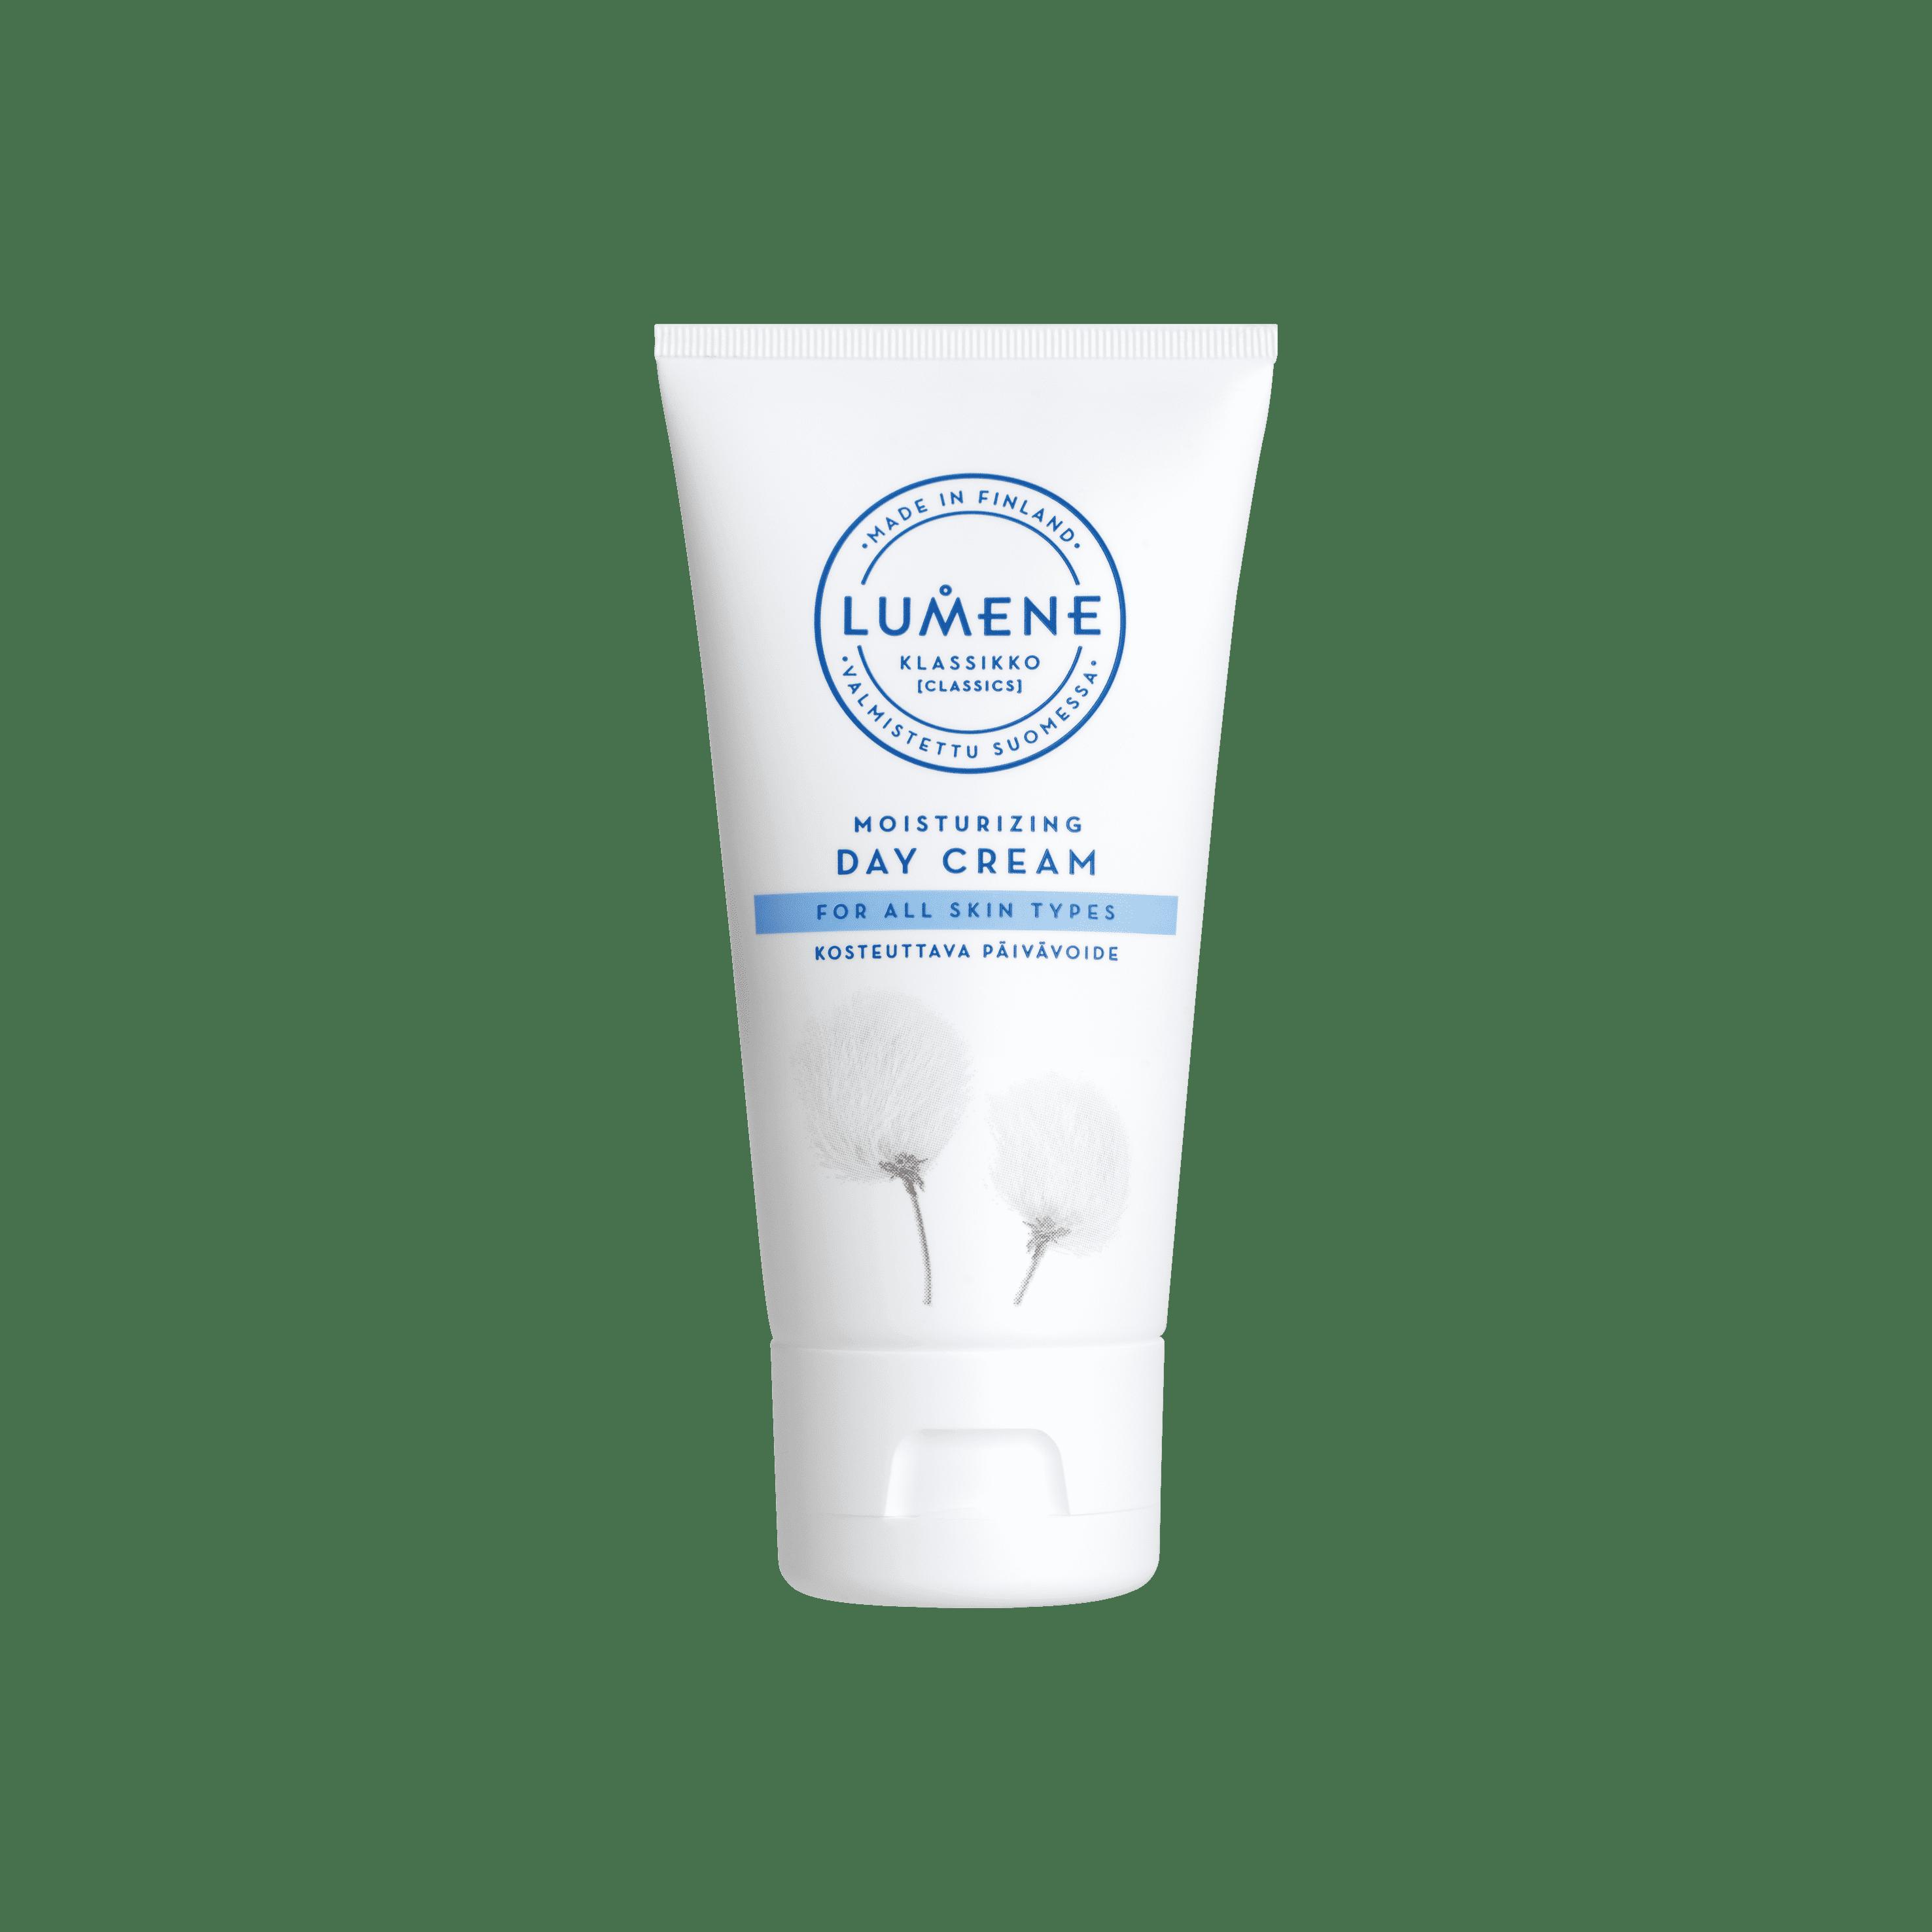 lumene day cream